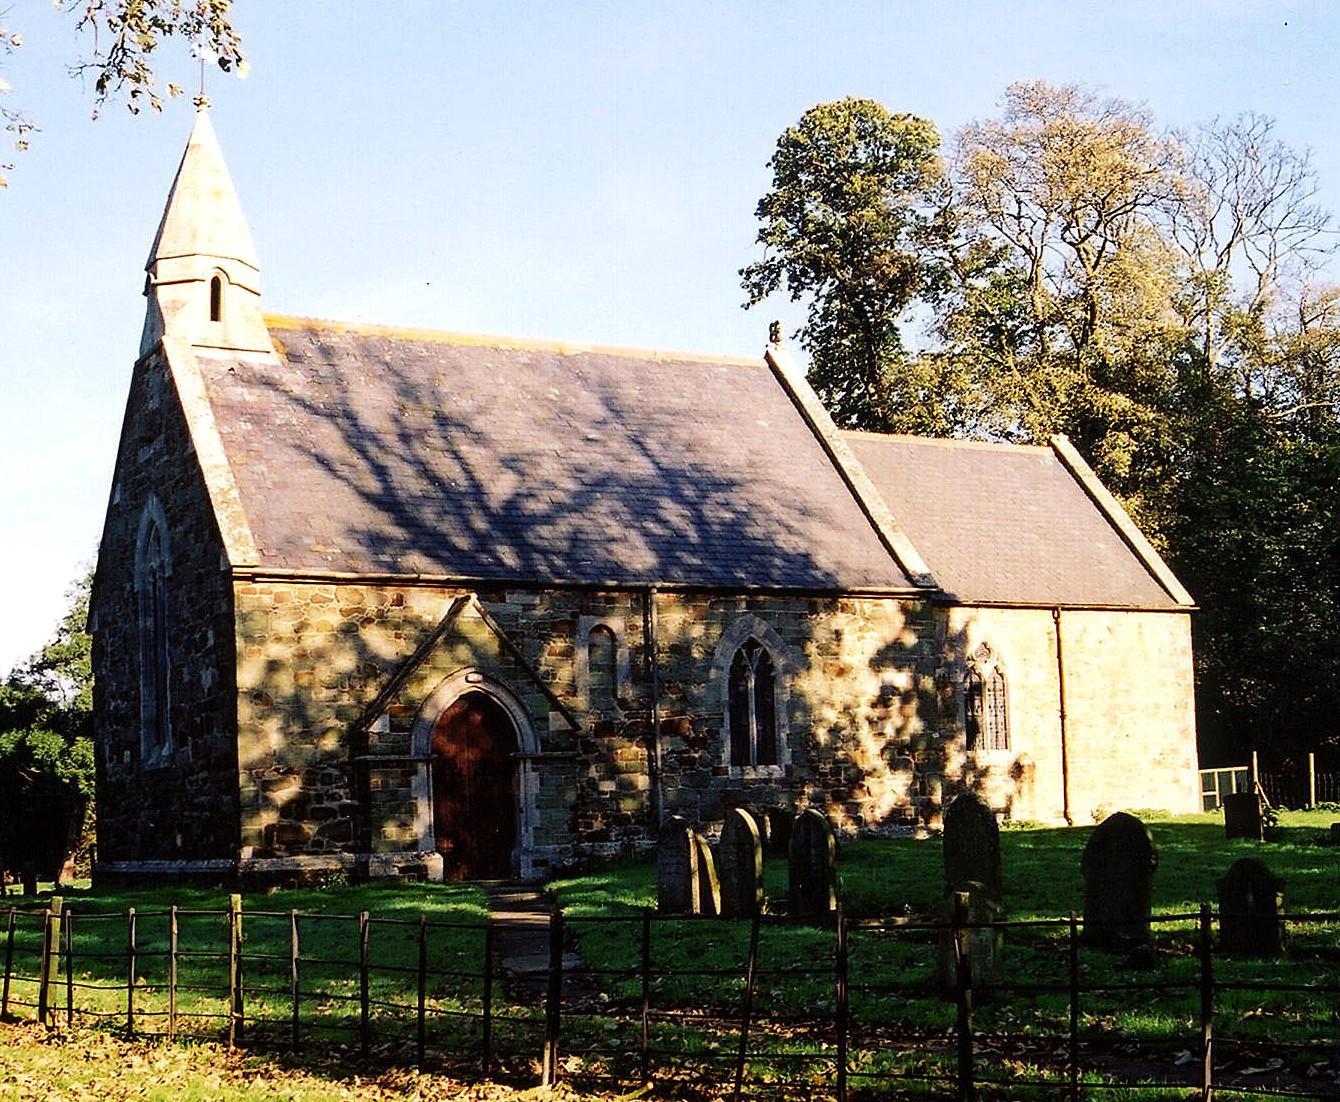 St. Edith's Church